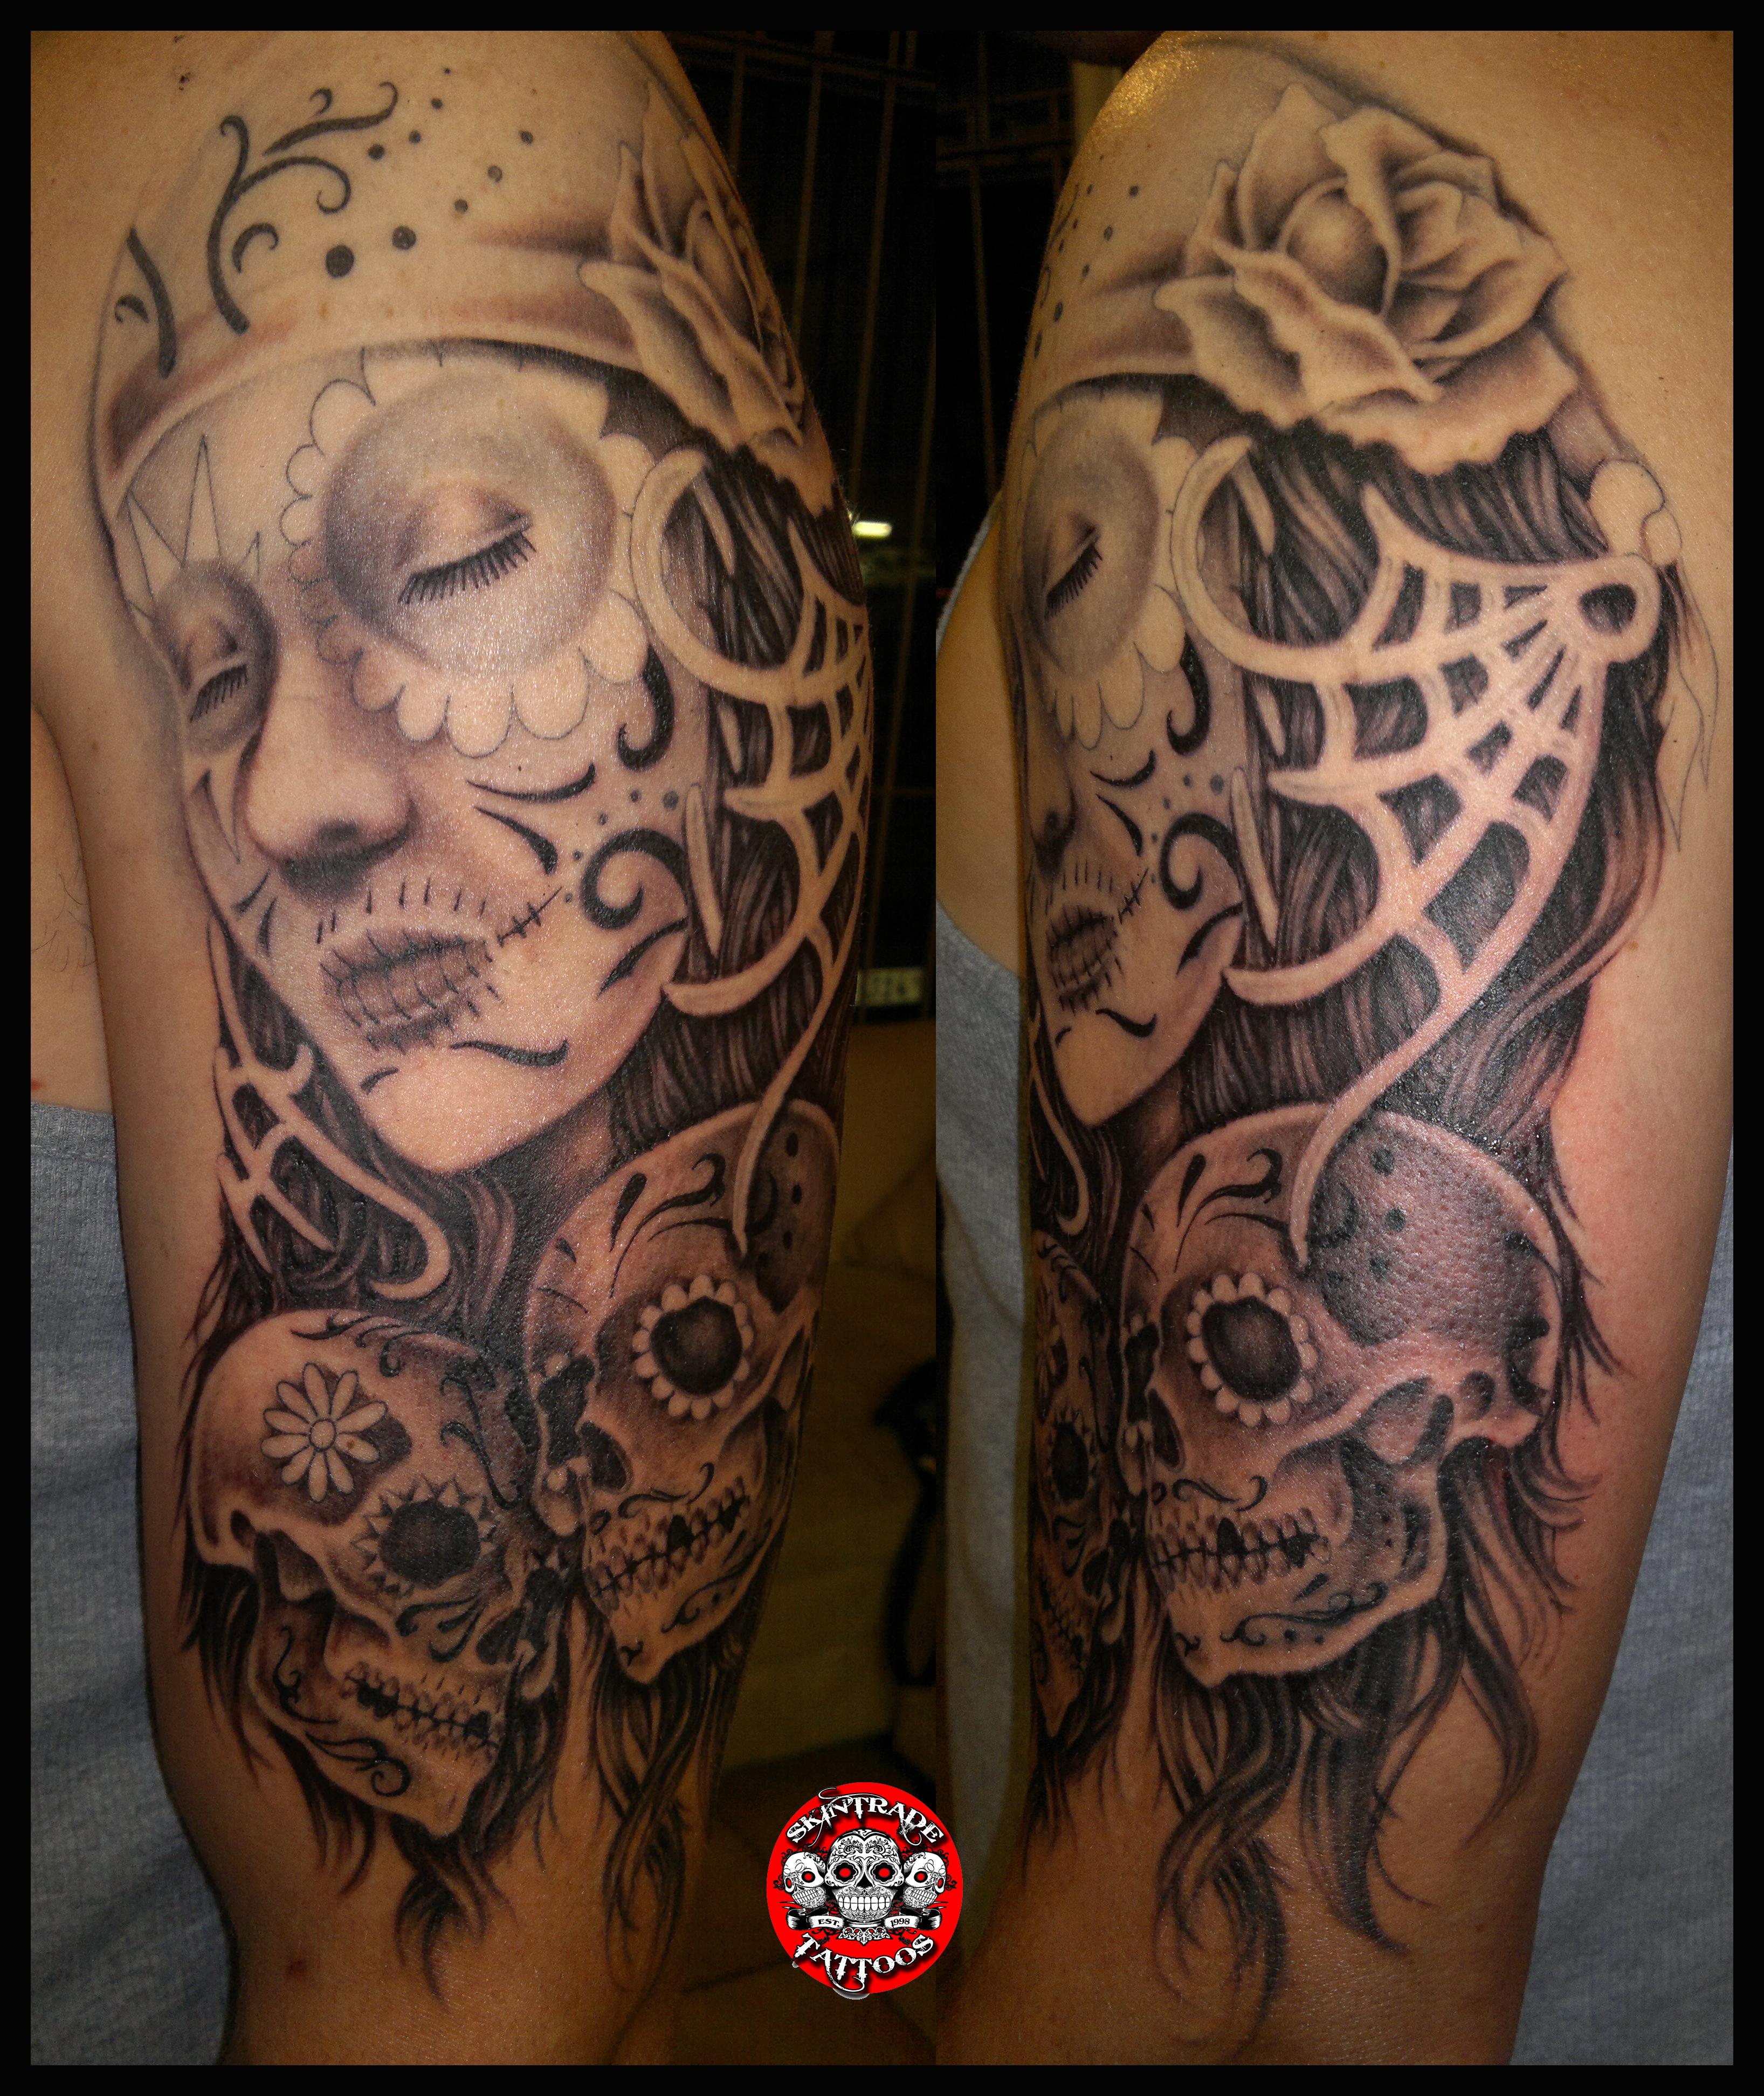 Seanstevens Tattooing